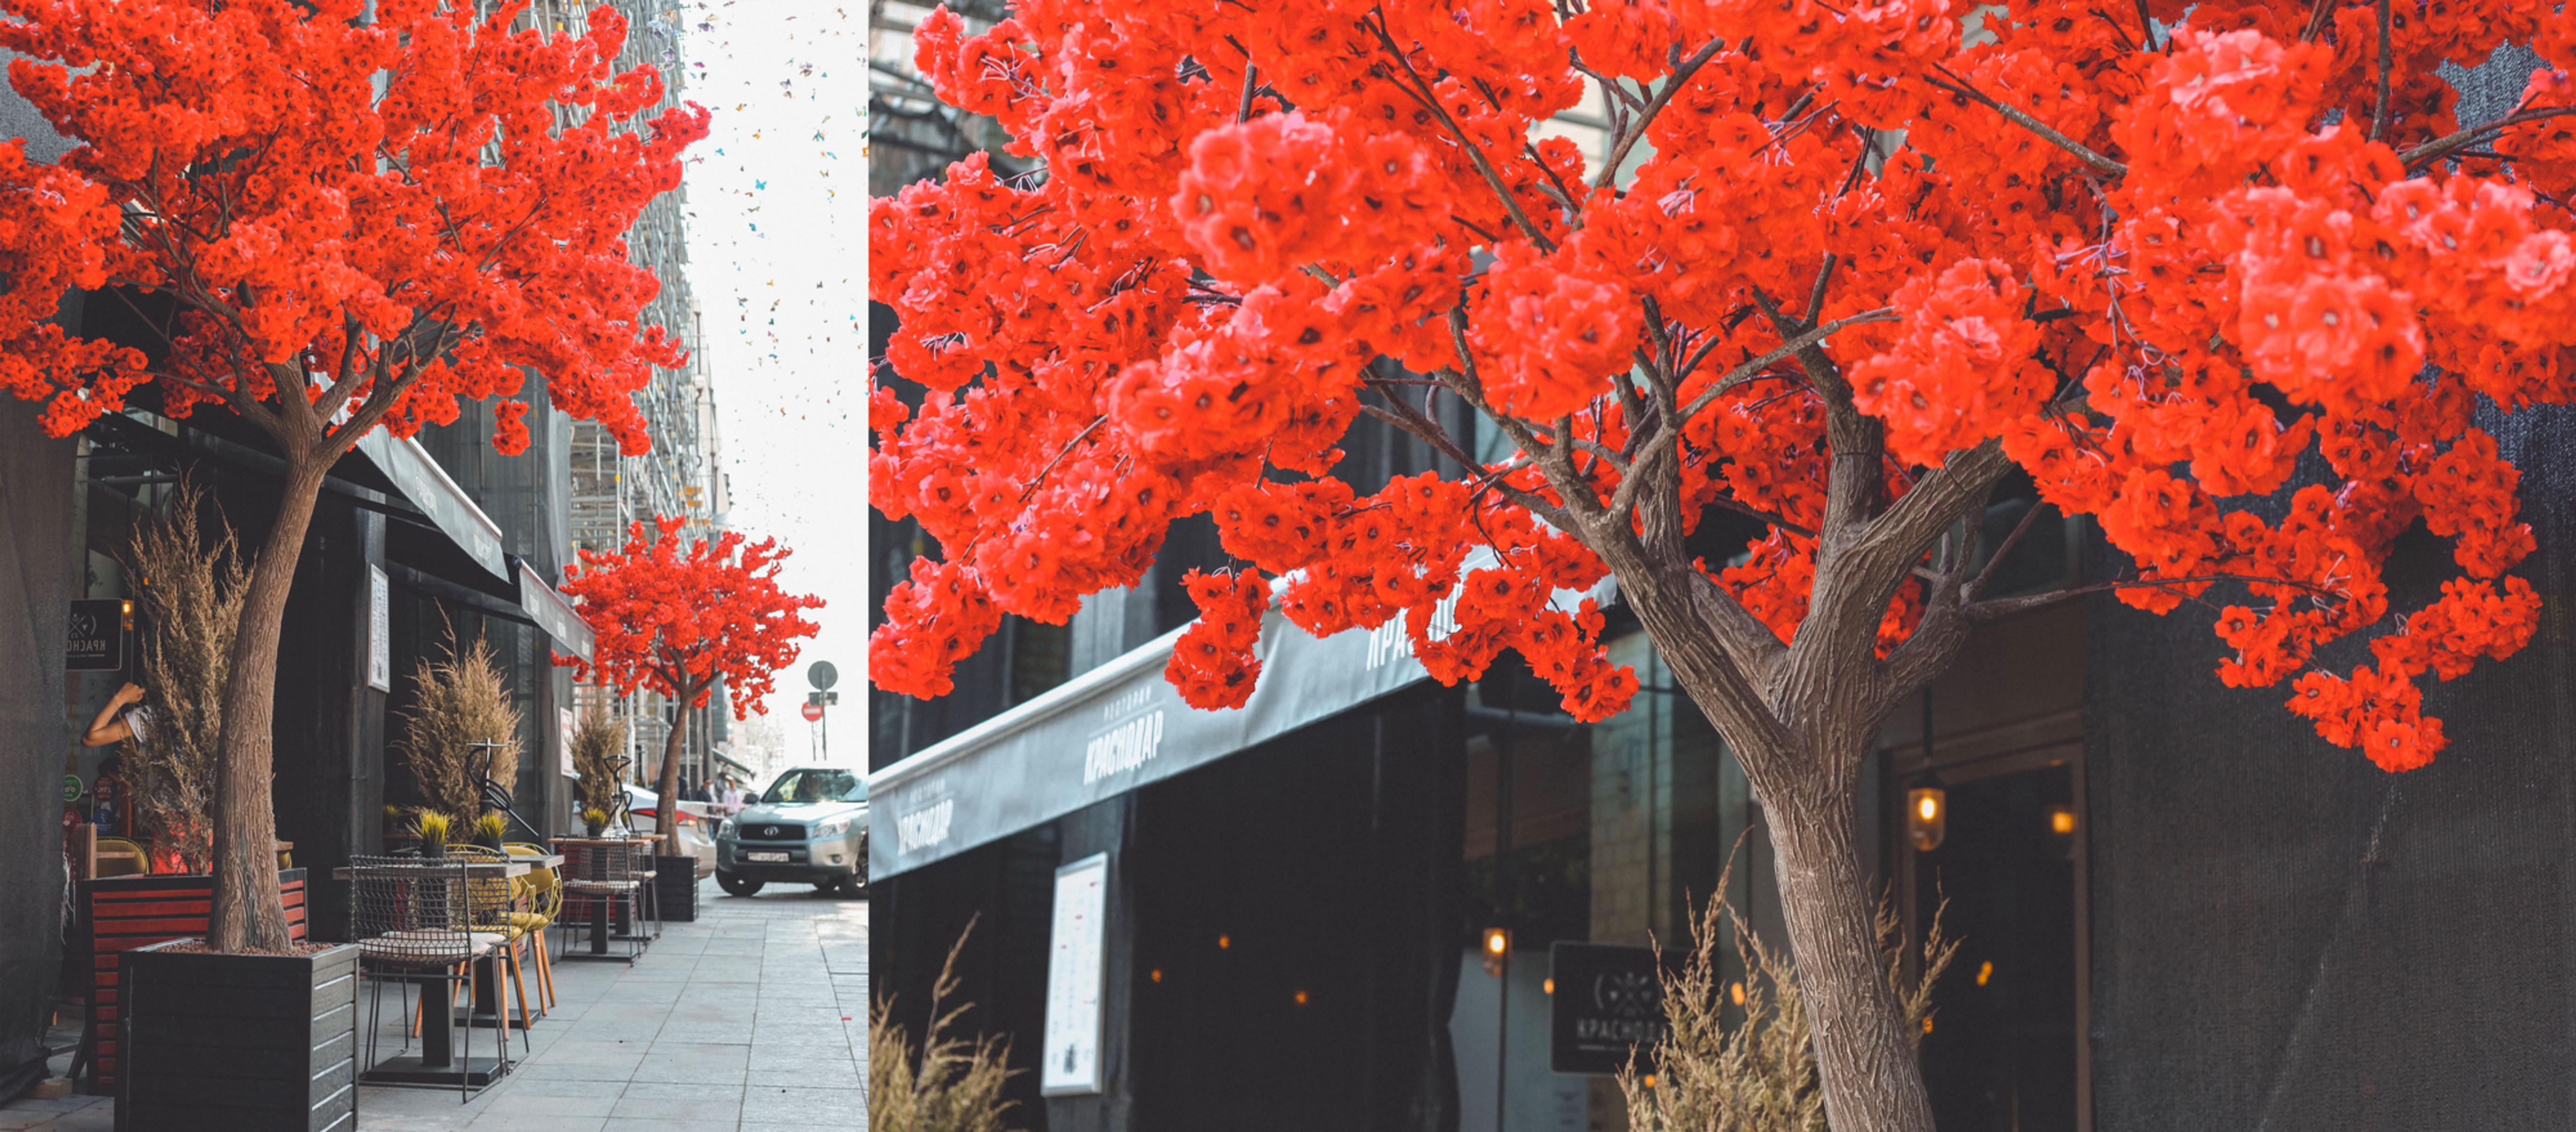 (c) Onlytrees.ru